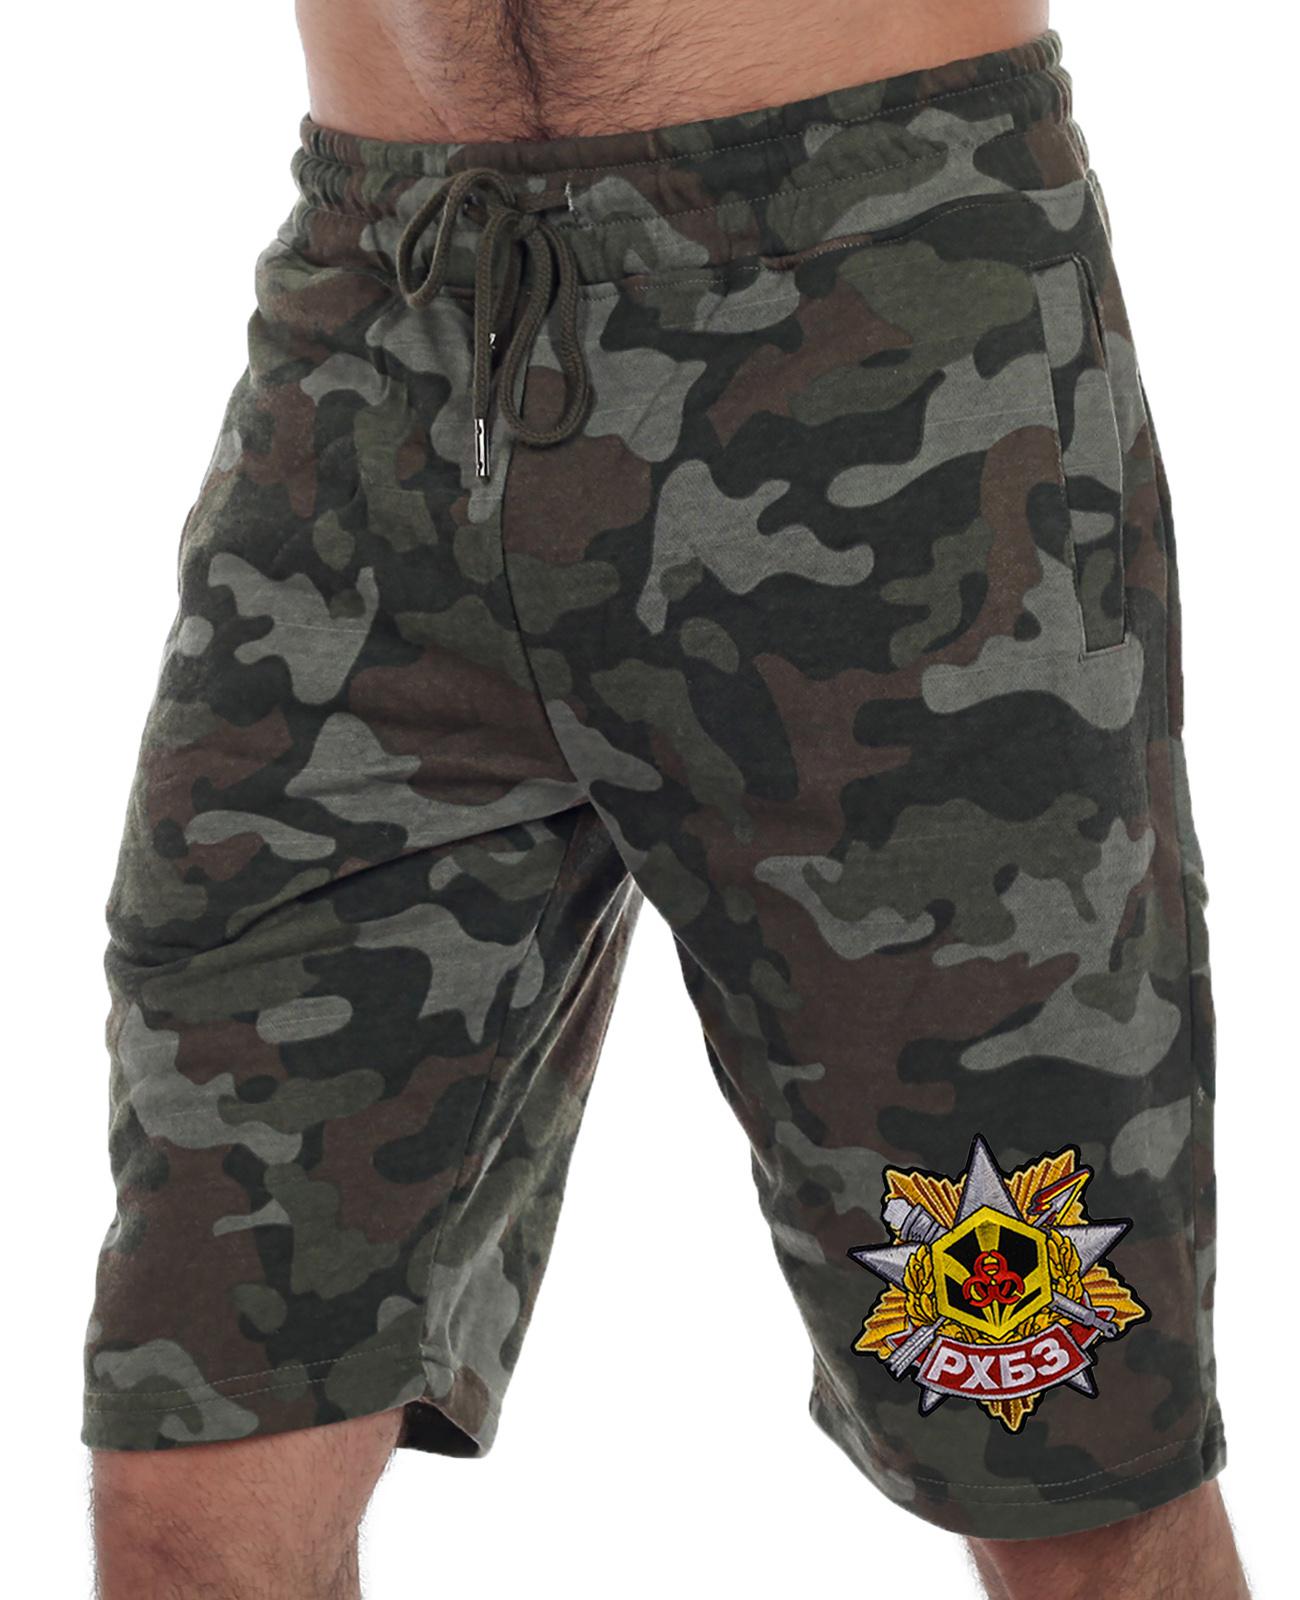 Купить армейские камуфляжные шорты с нашивкой РХБЗ в подарок любимому